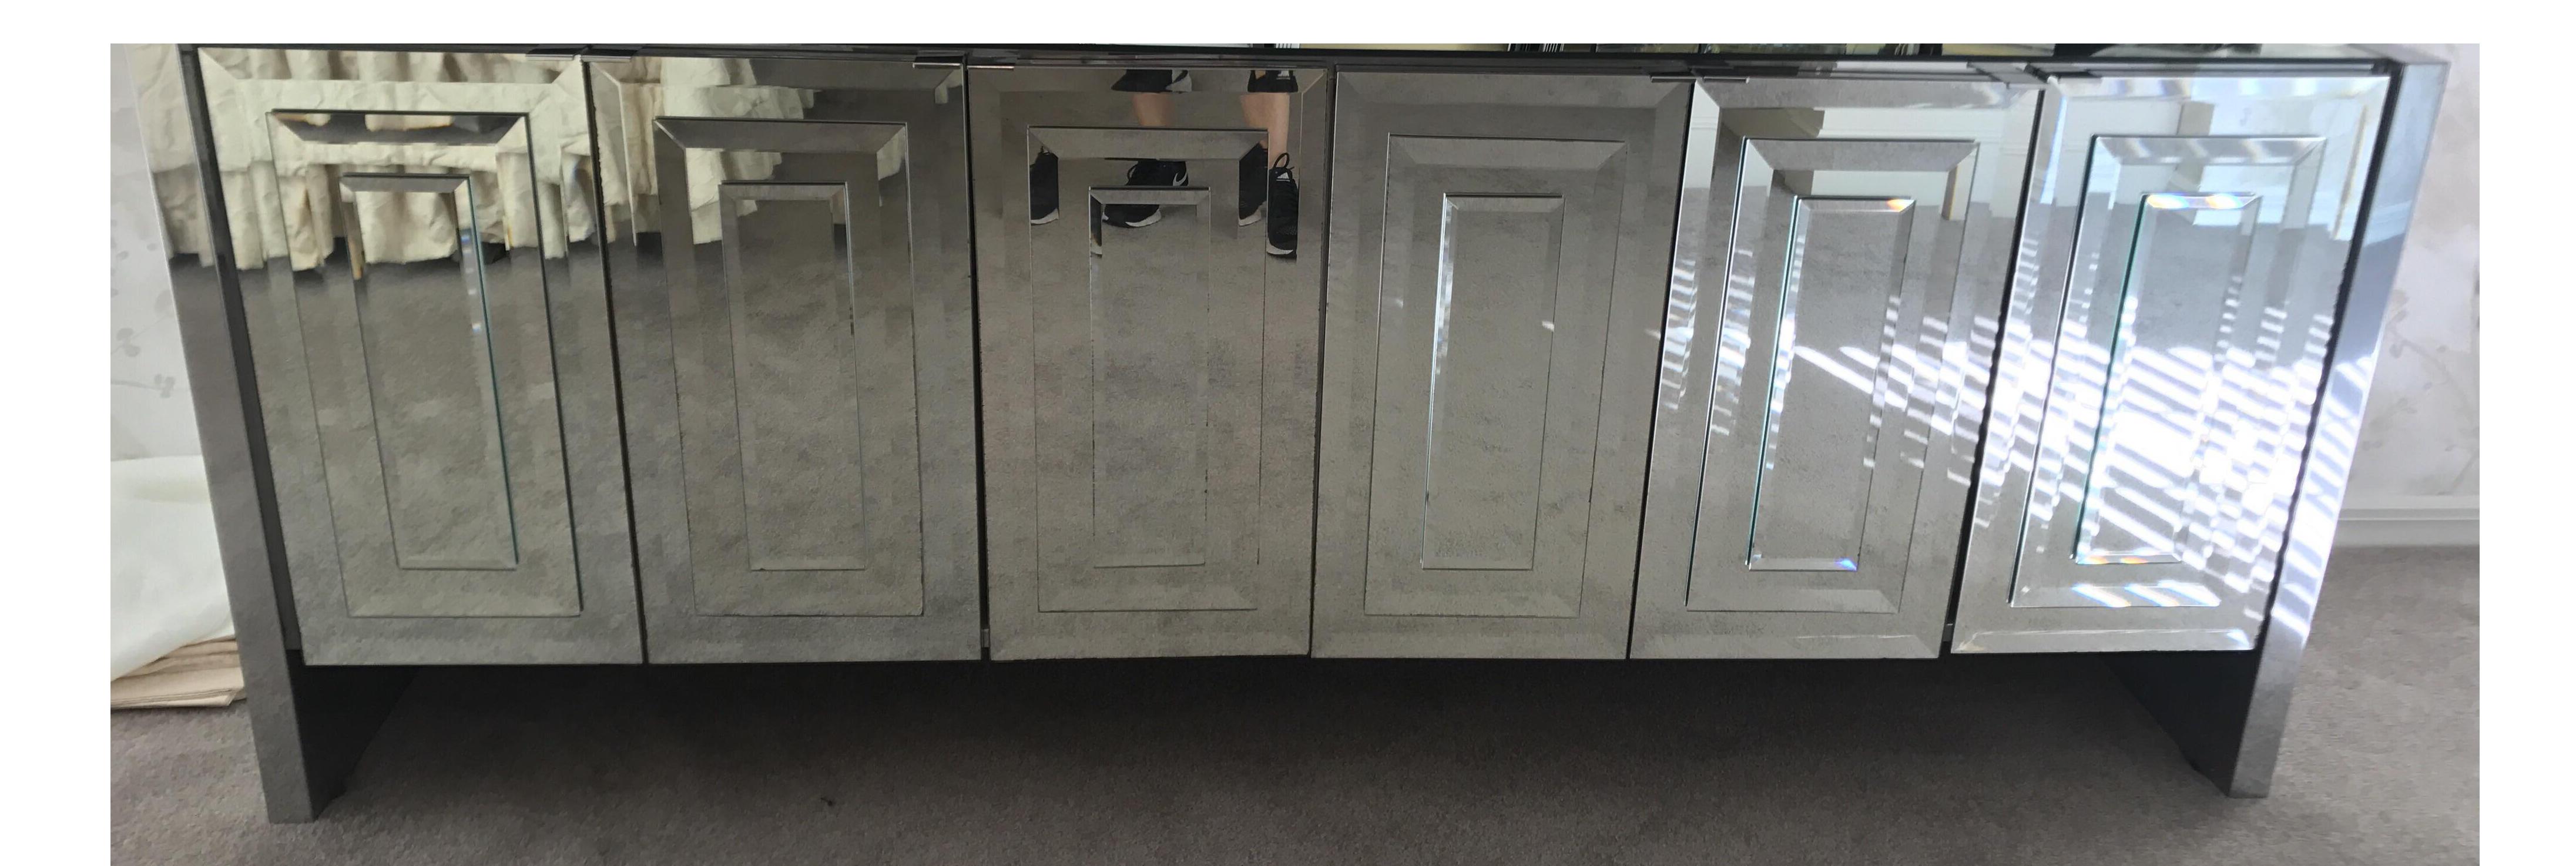 Vintage Ello Six Door Mirrored Credenza